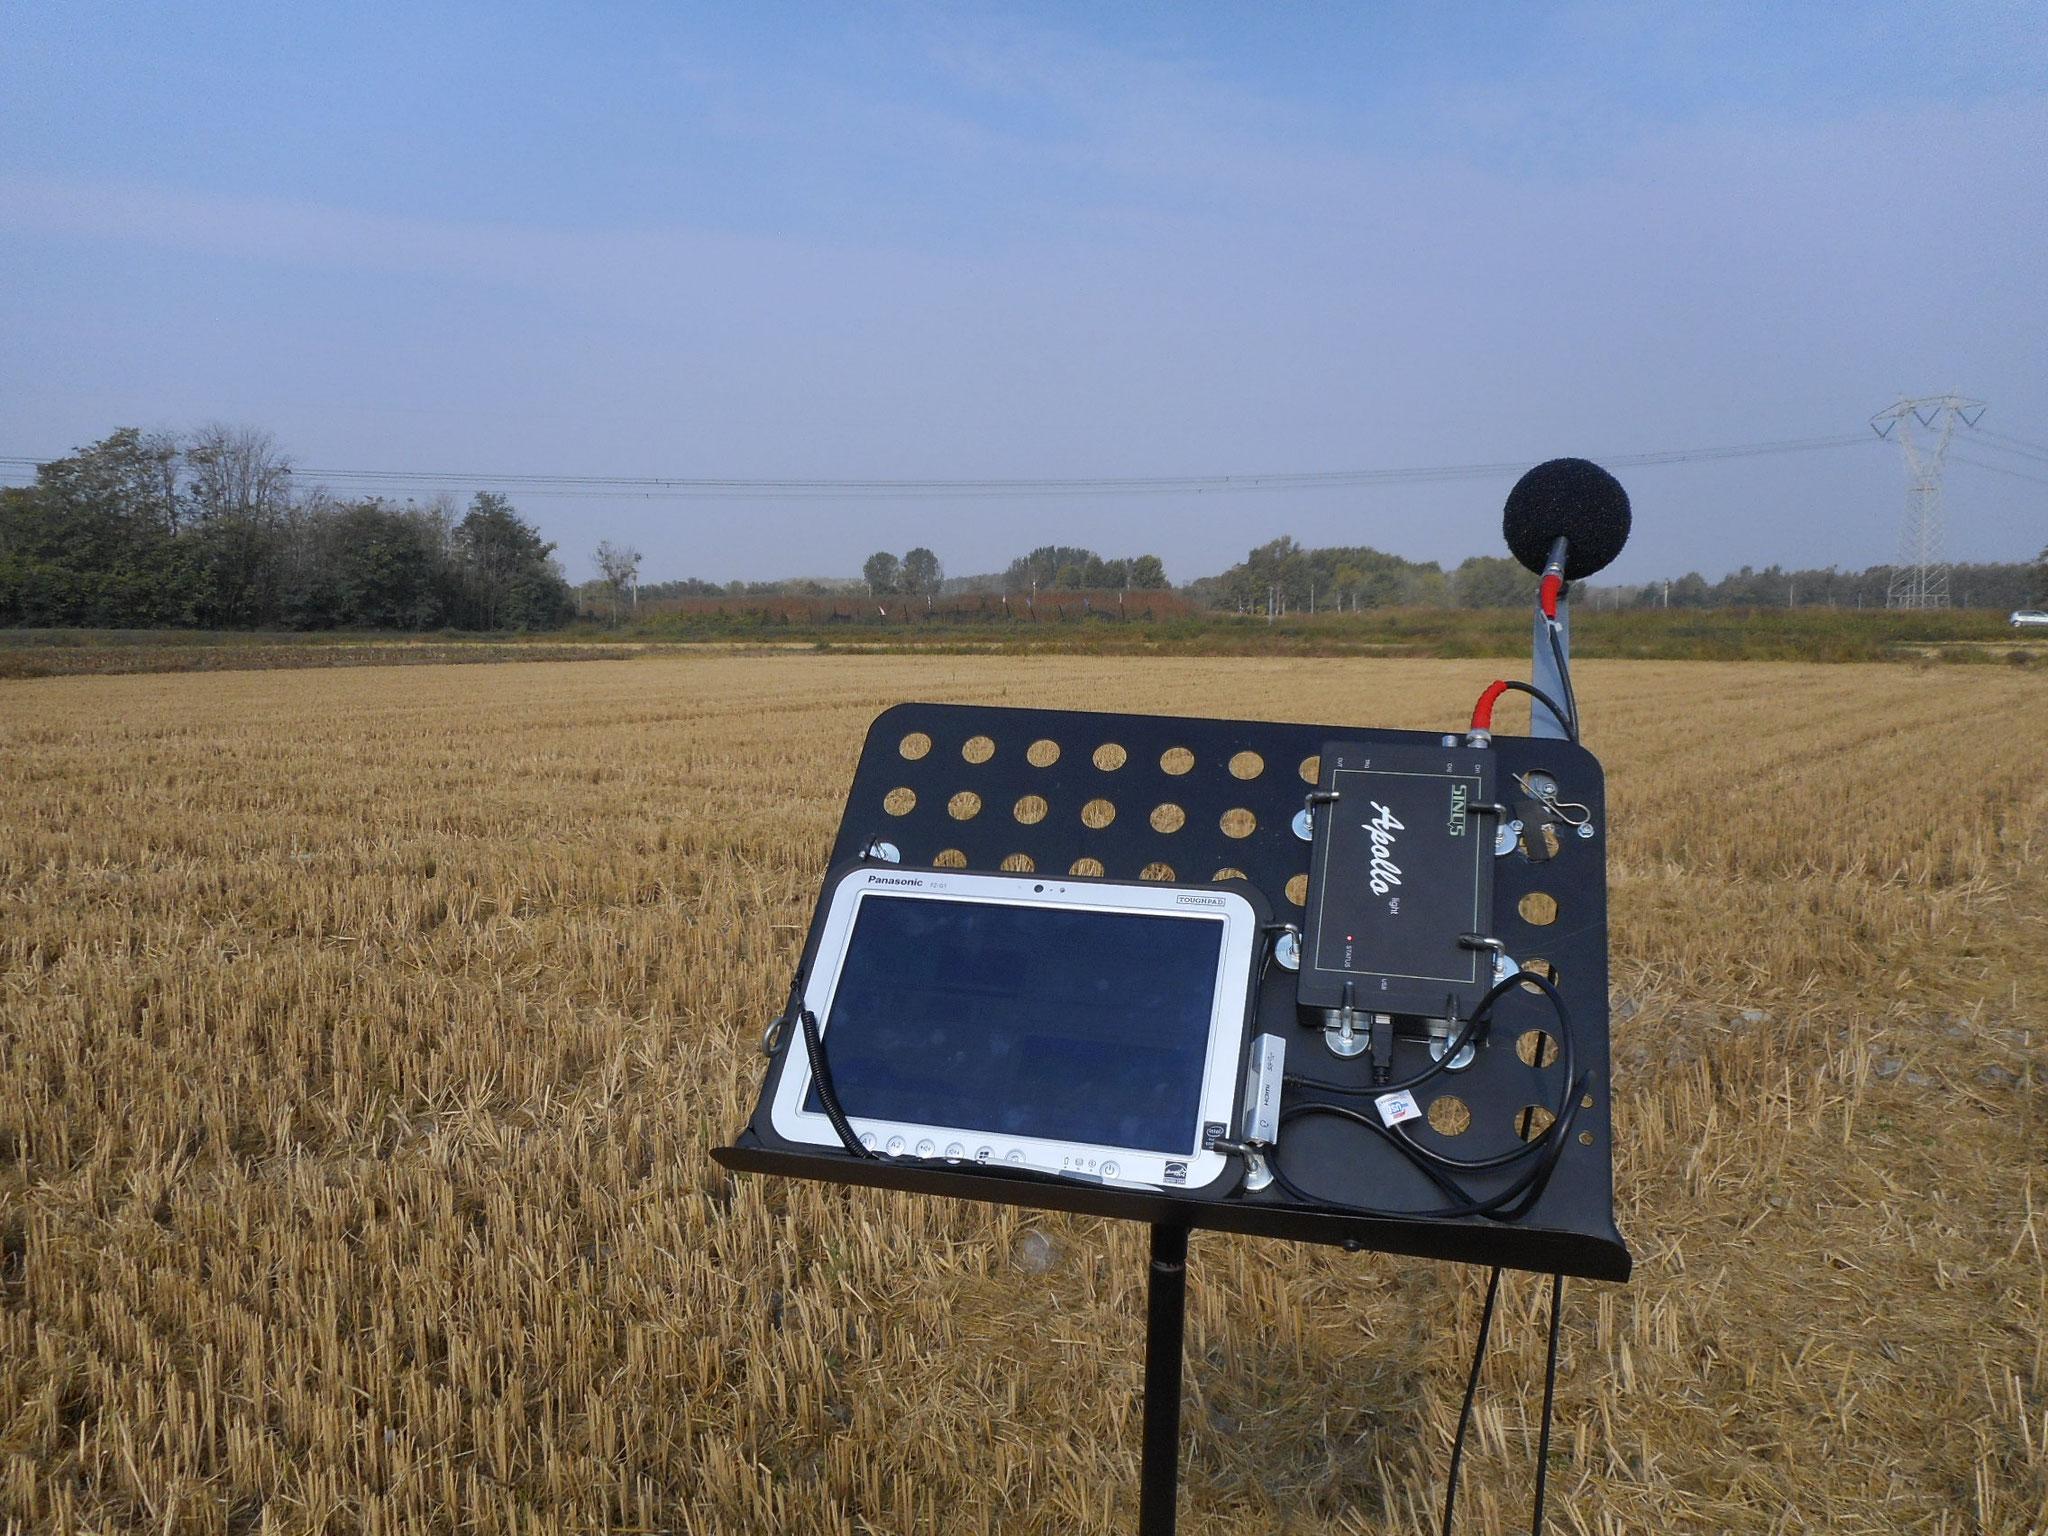 Rilievi fonometrici in sito con fonometro integratore bicanale